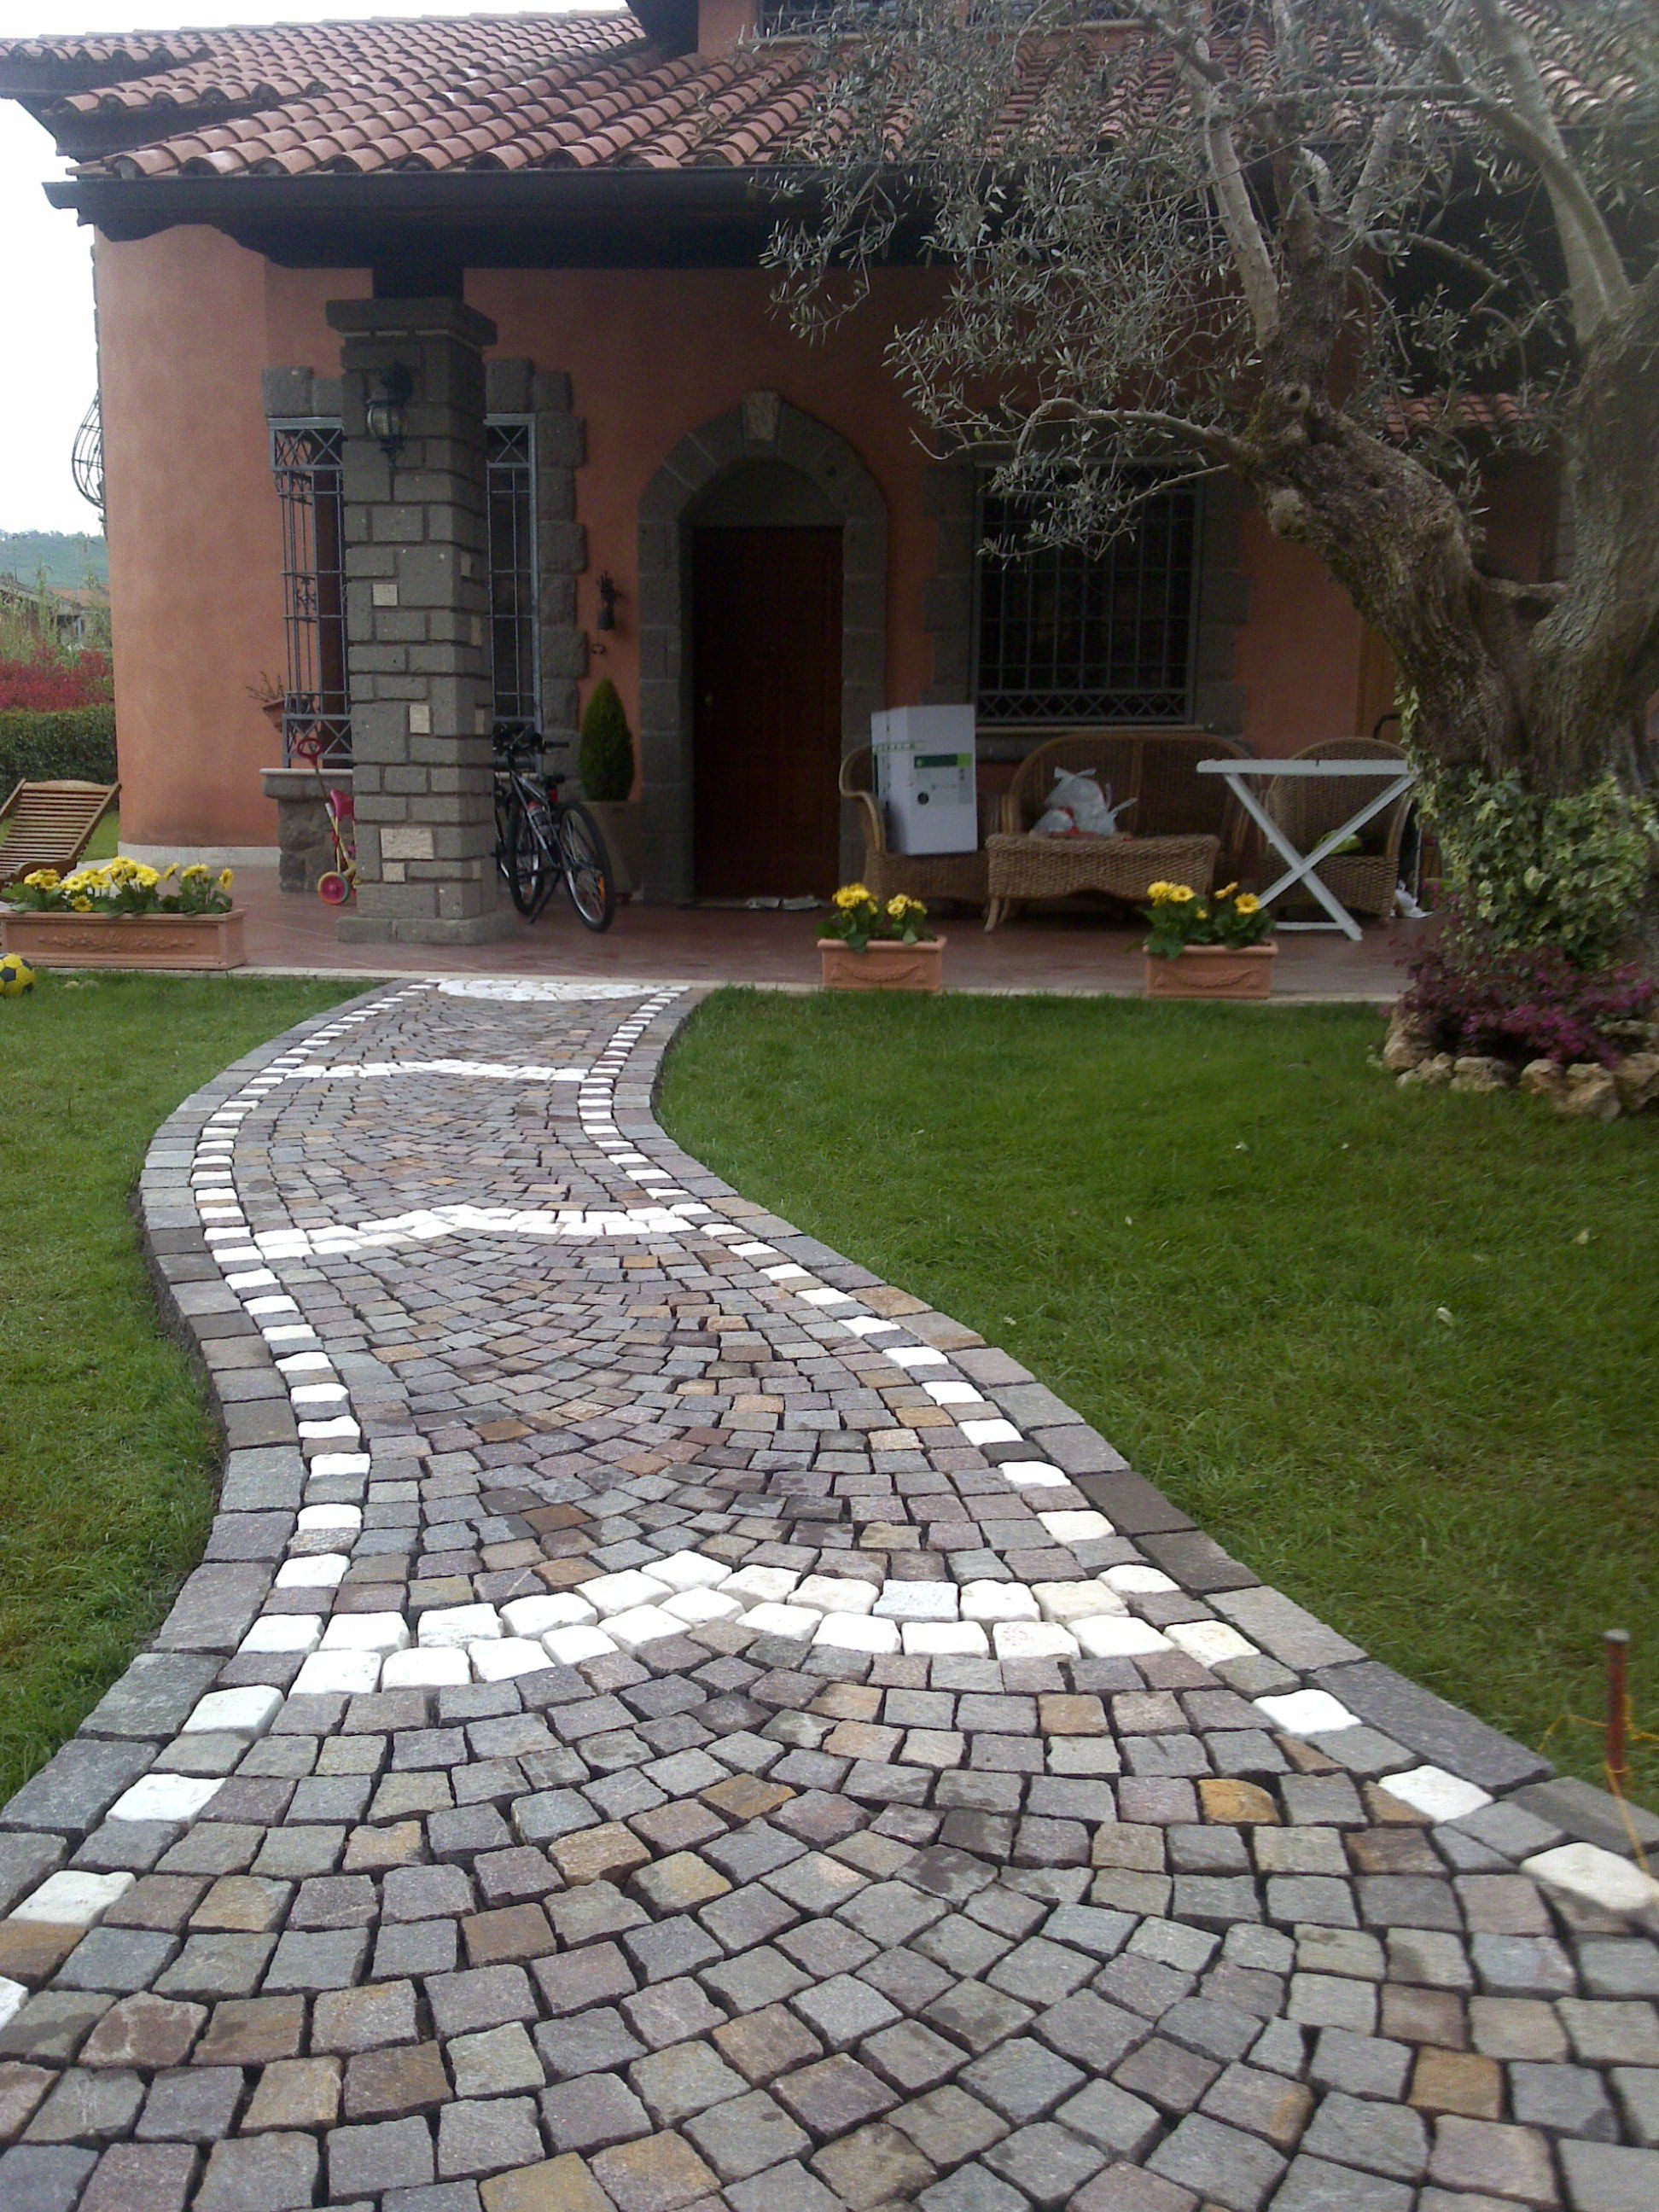 Posa Pavimento A Secco Giardino cubetti di porfido + greca (con immagini) | pavimentazione